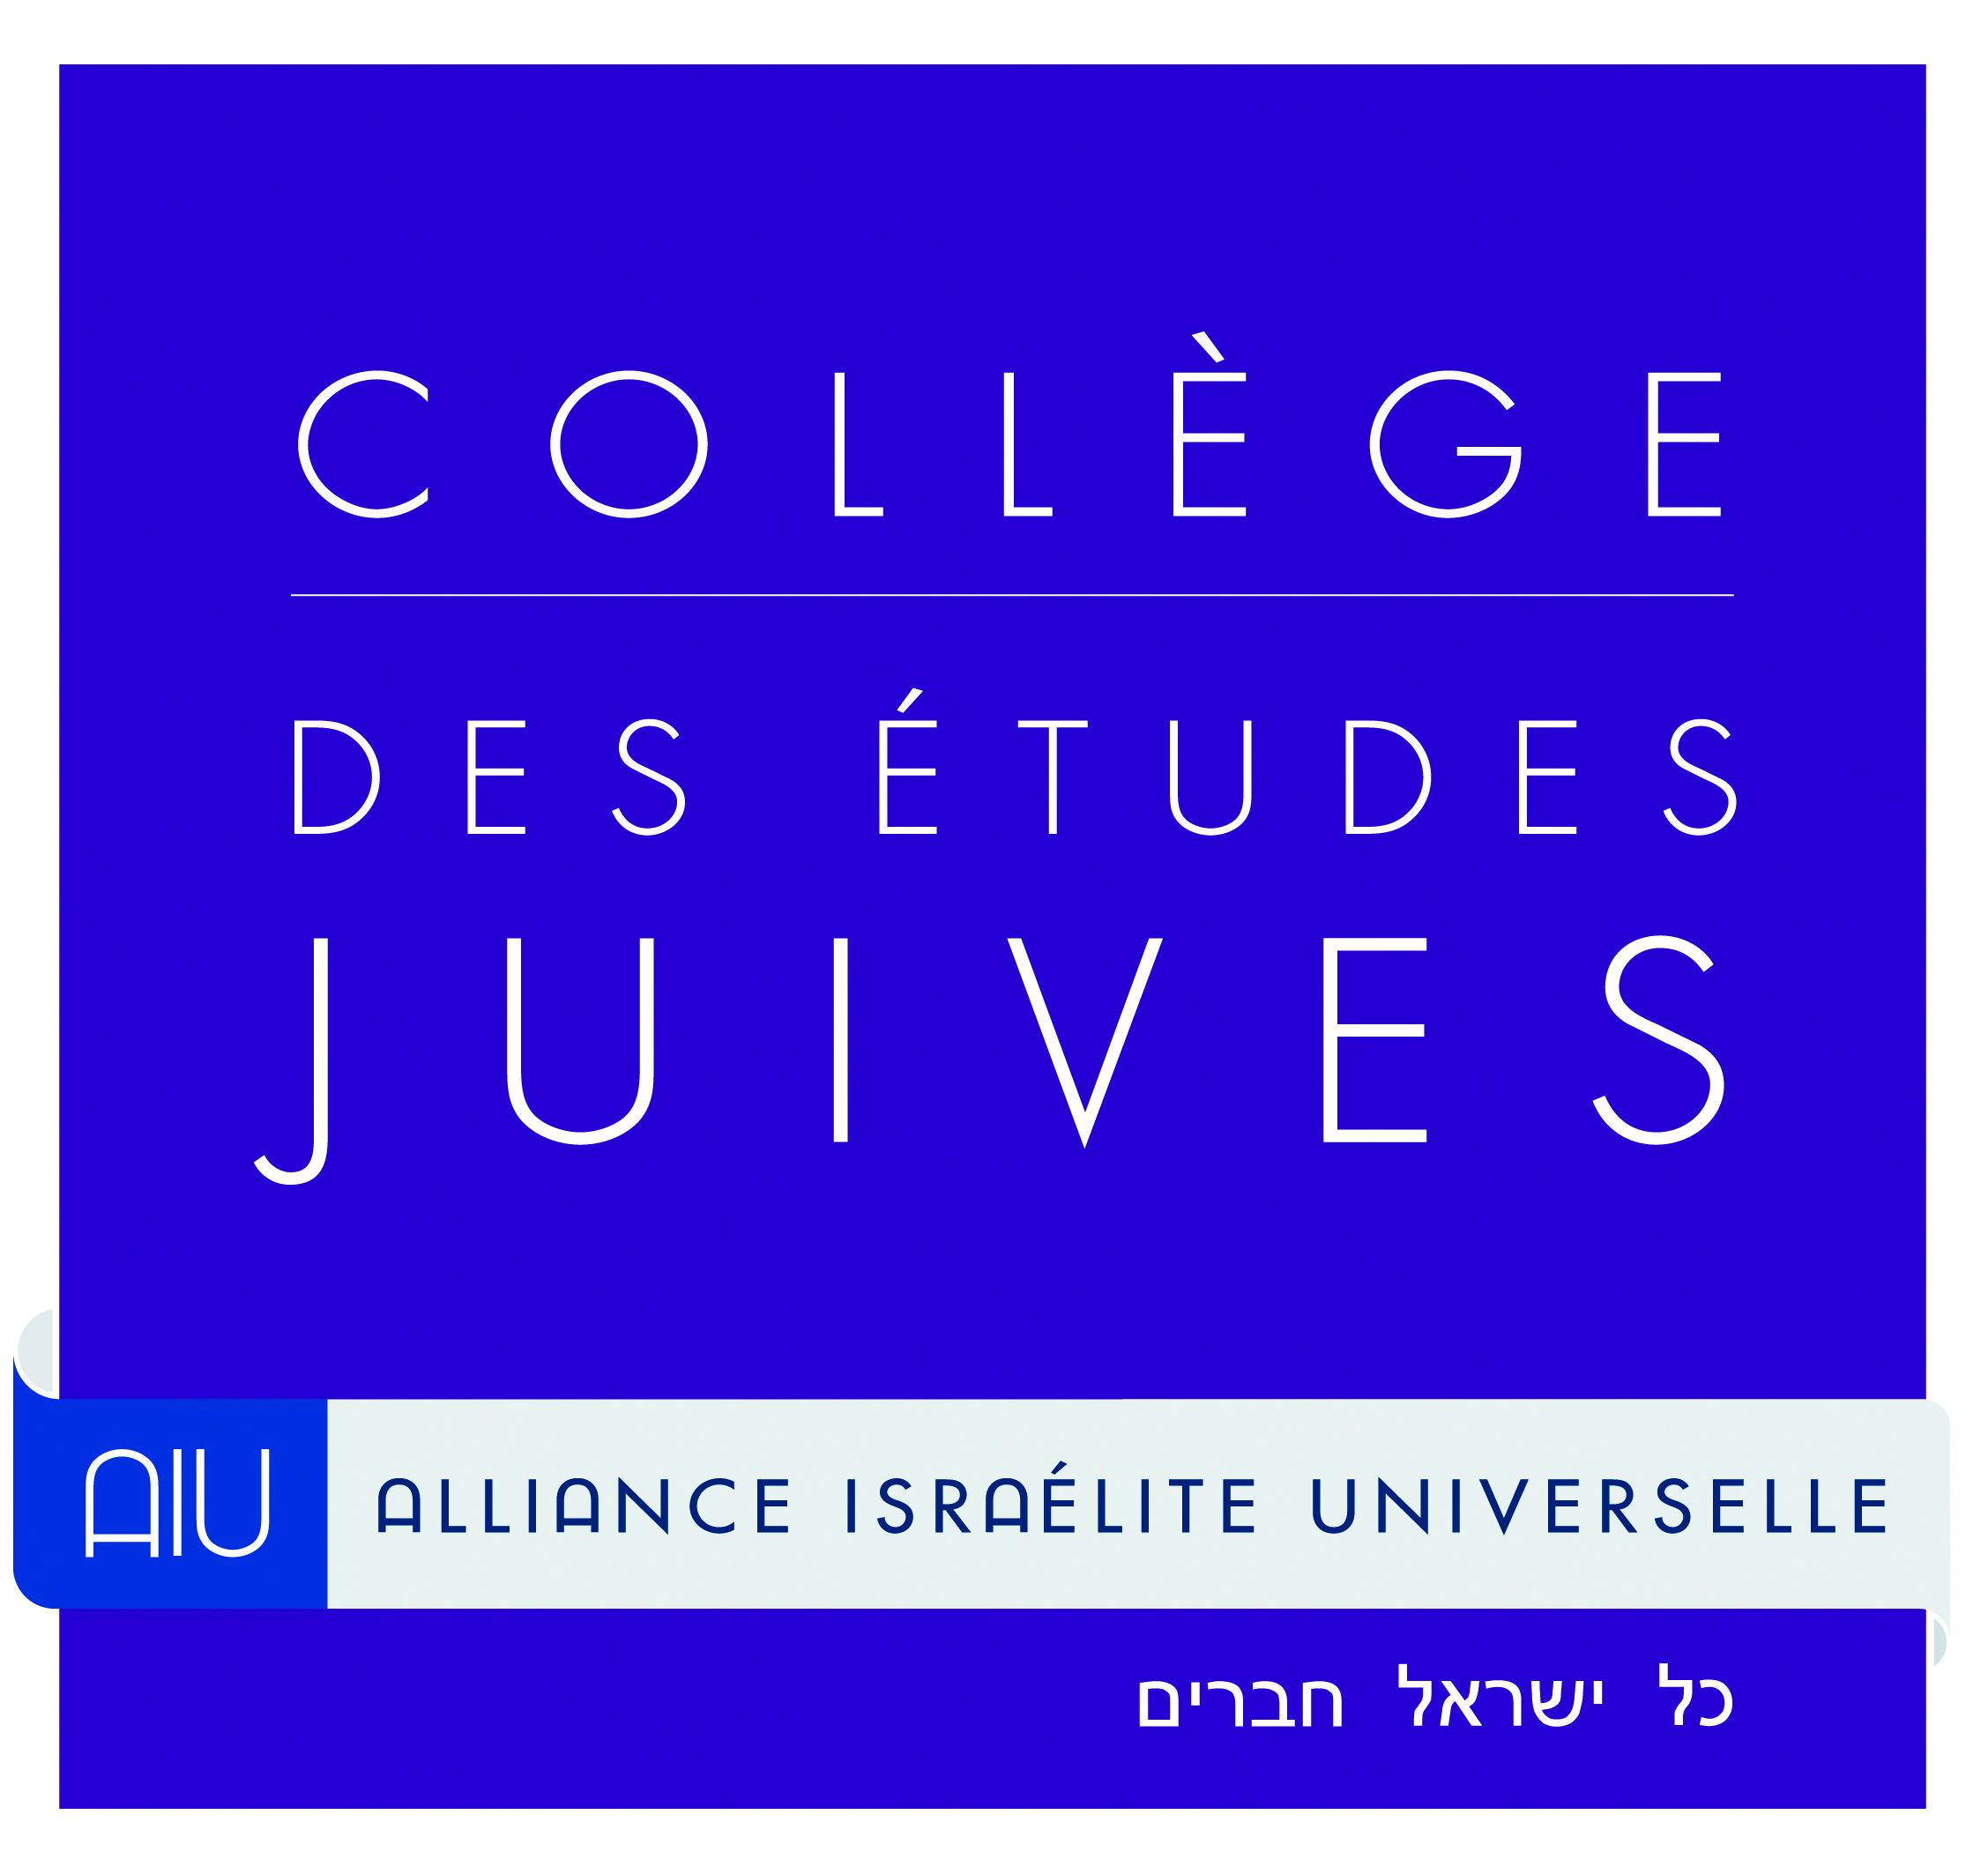 Collège des études juives de l'Alliance Israélite